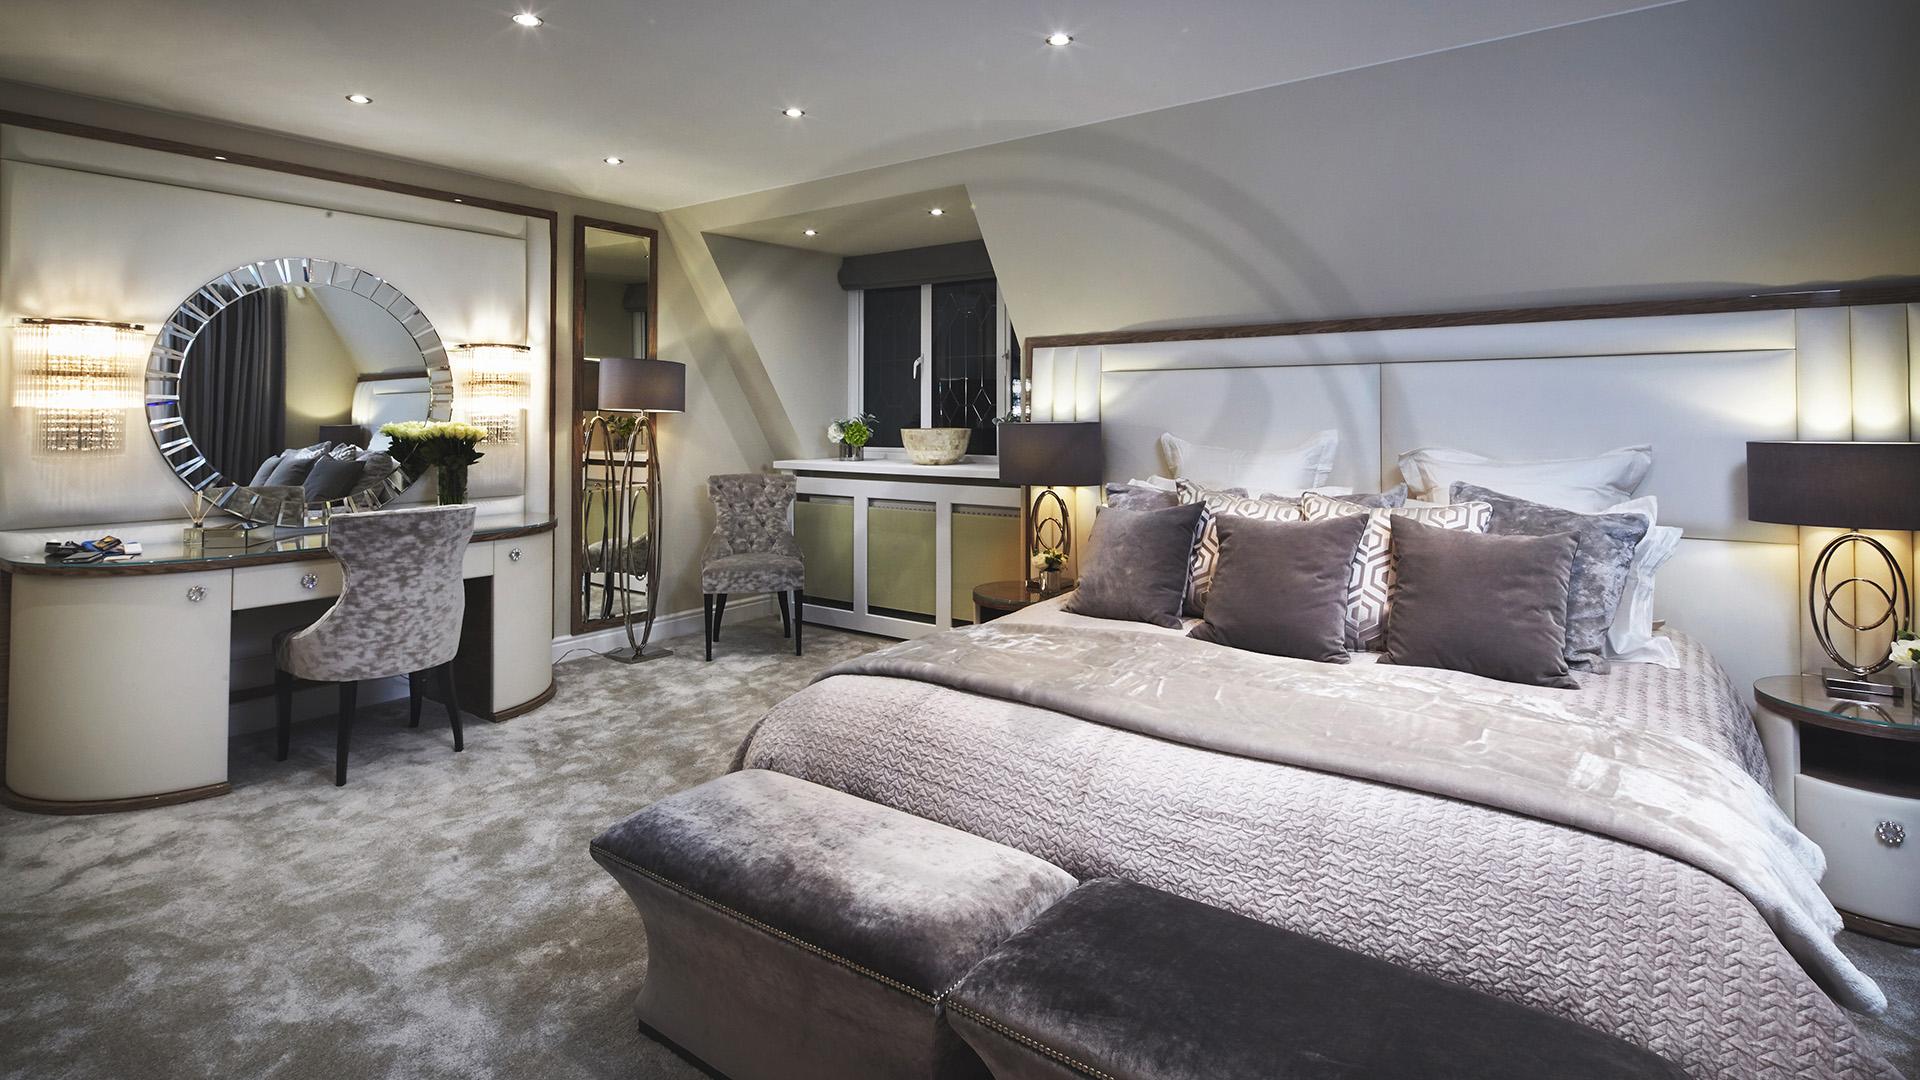 interior-designer-London-interior design loughborough_master bedroom